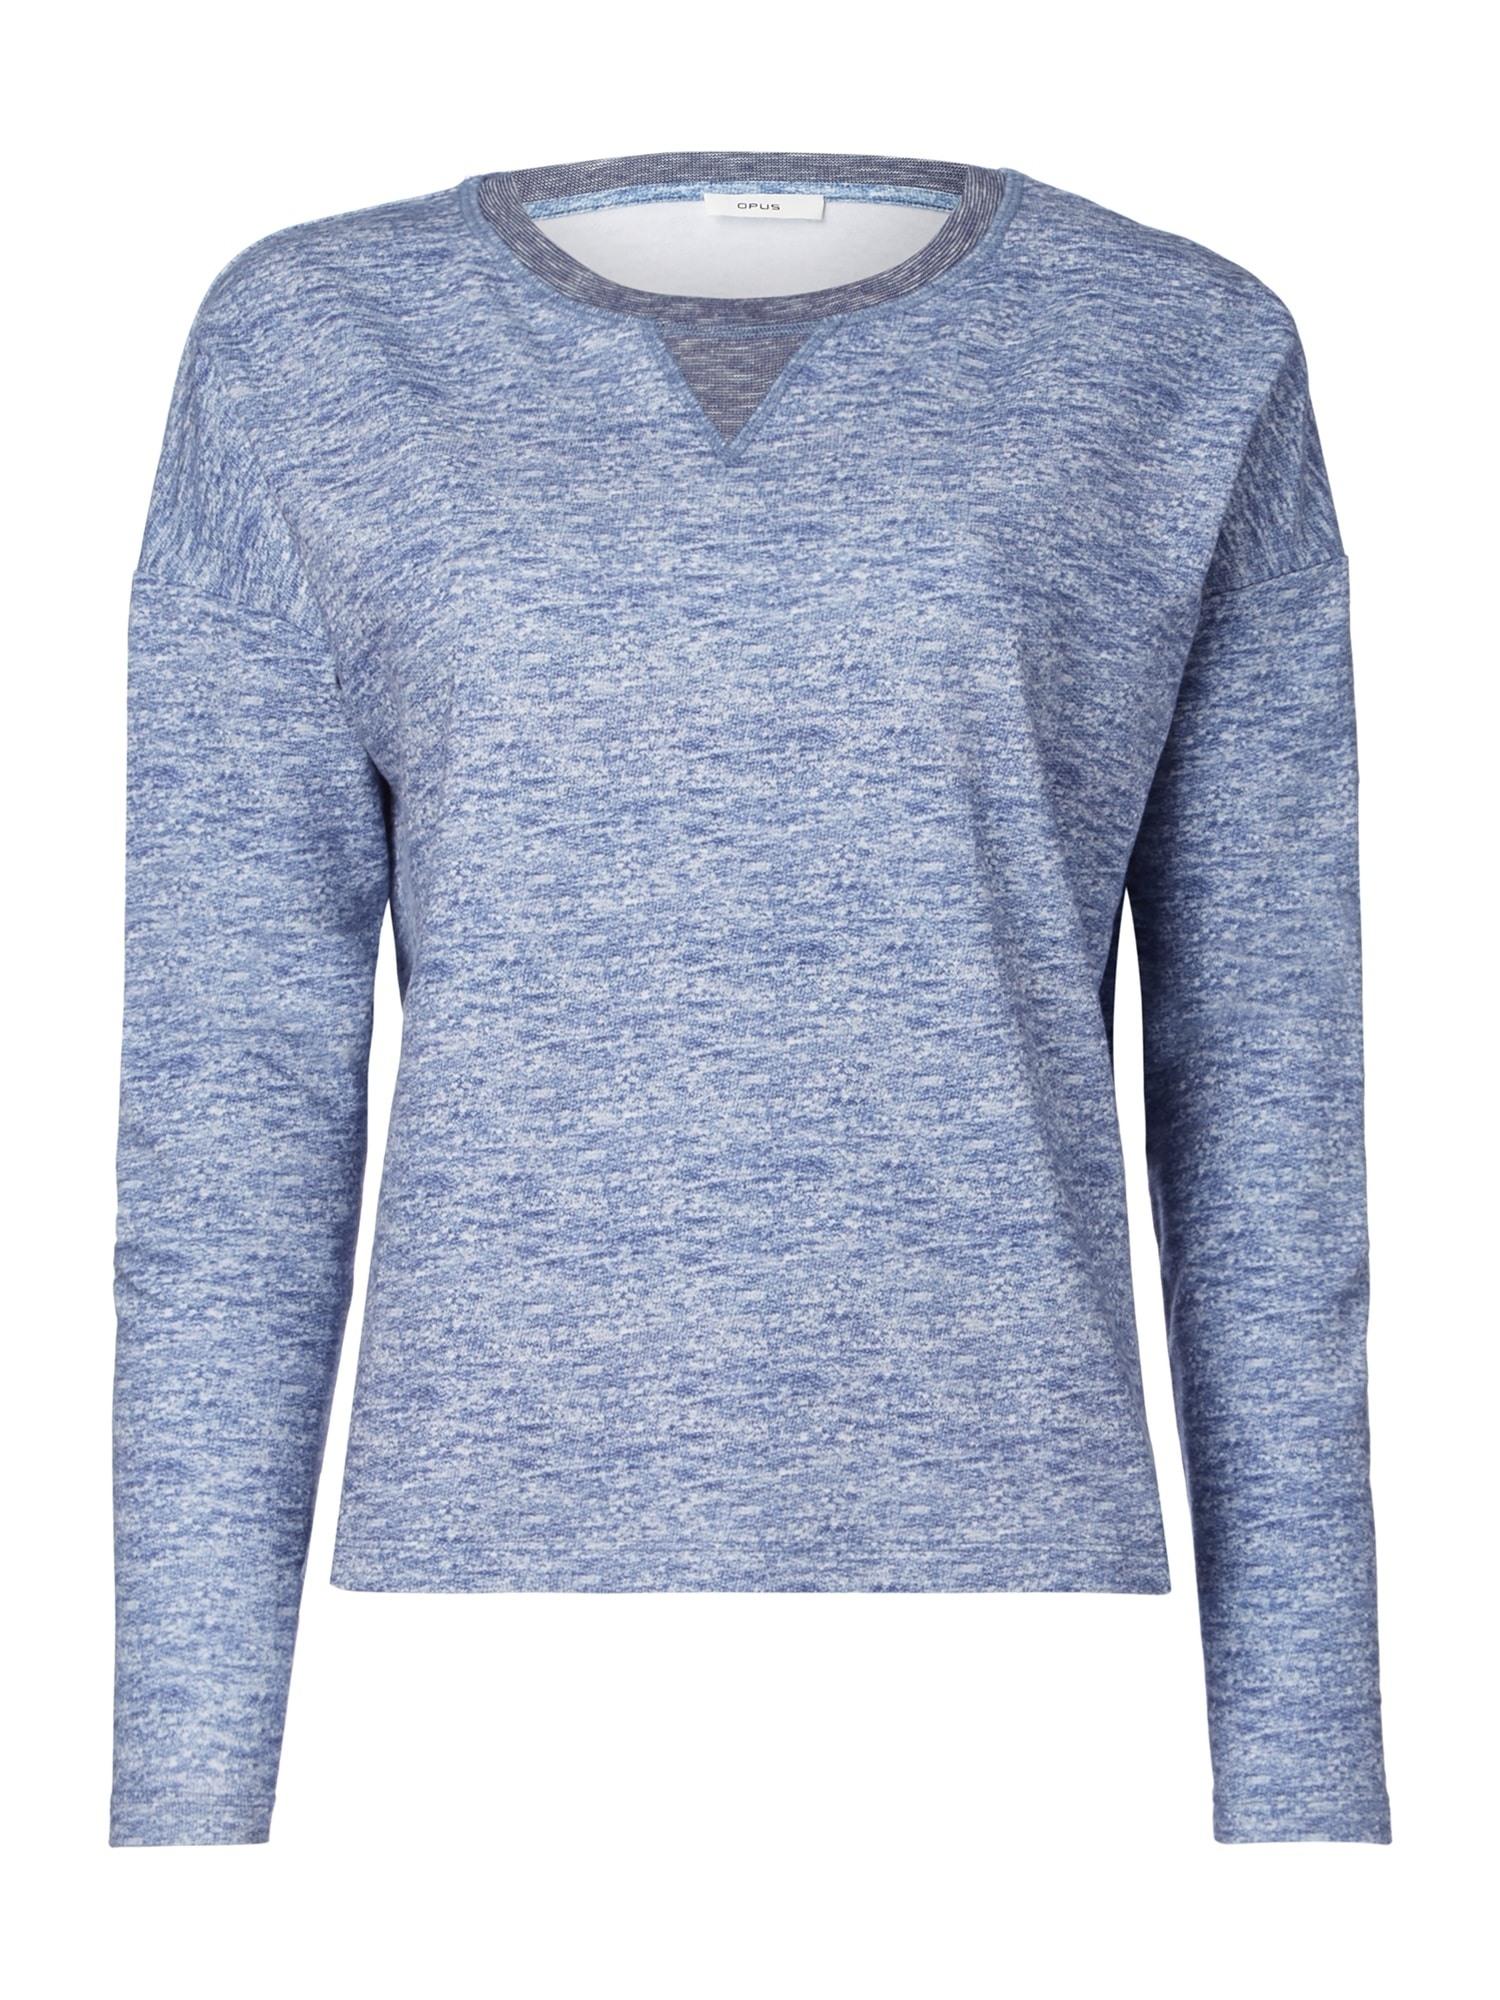 Designer Perfekt Online Kleidung Bestellen für 201915 Top Online Kleidung Bestellen Boutique